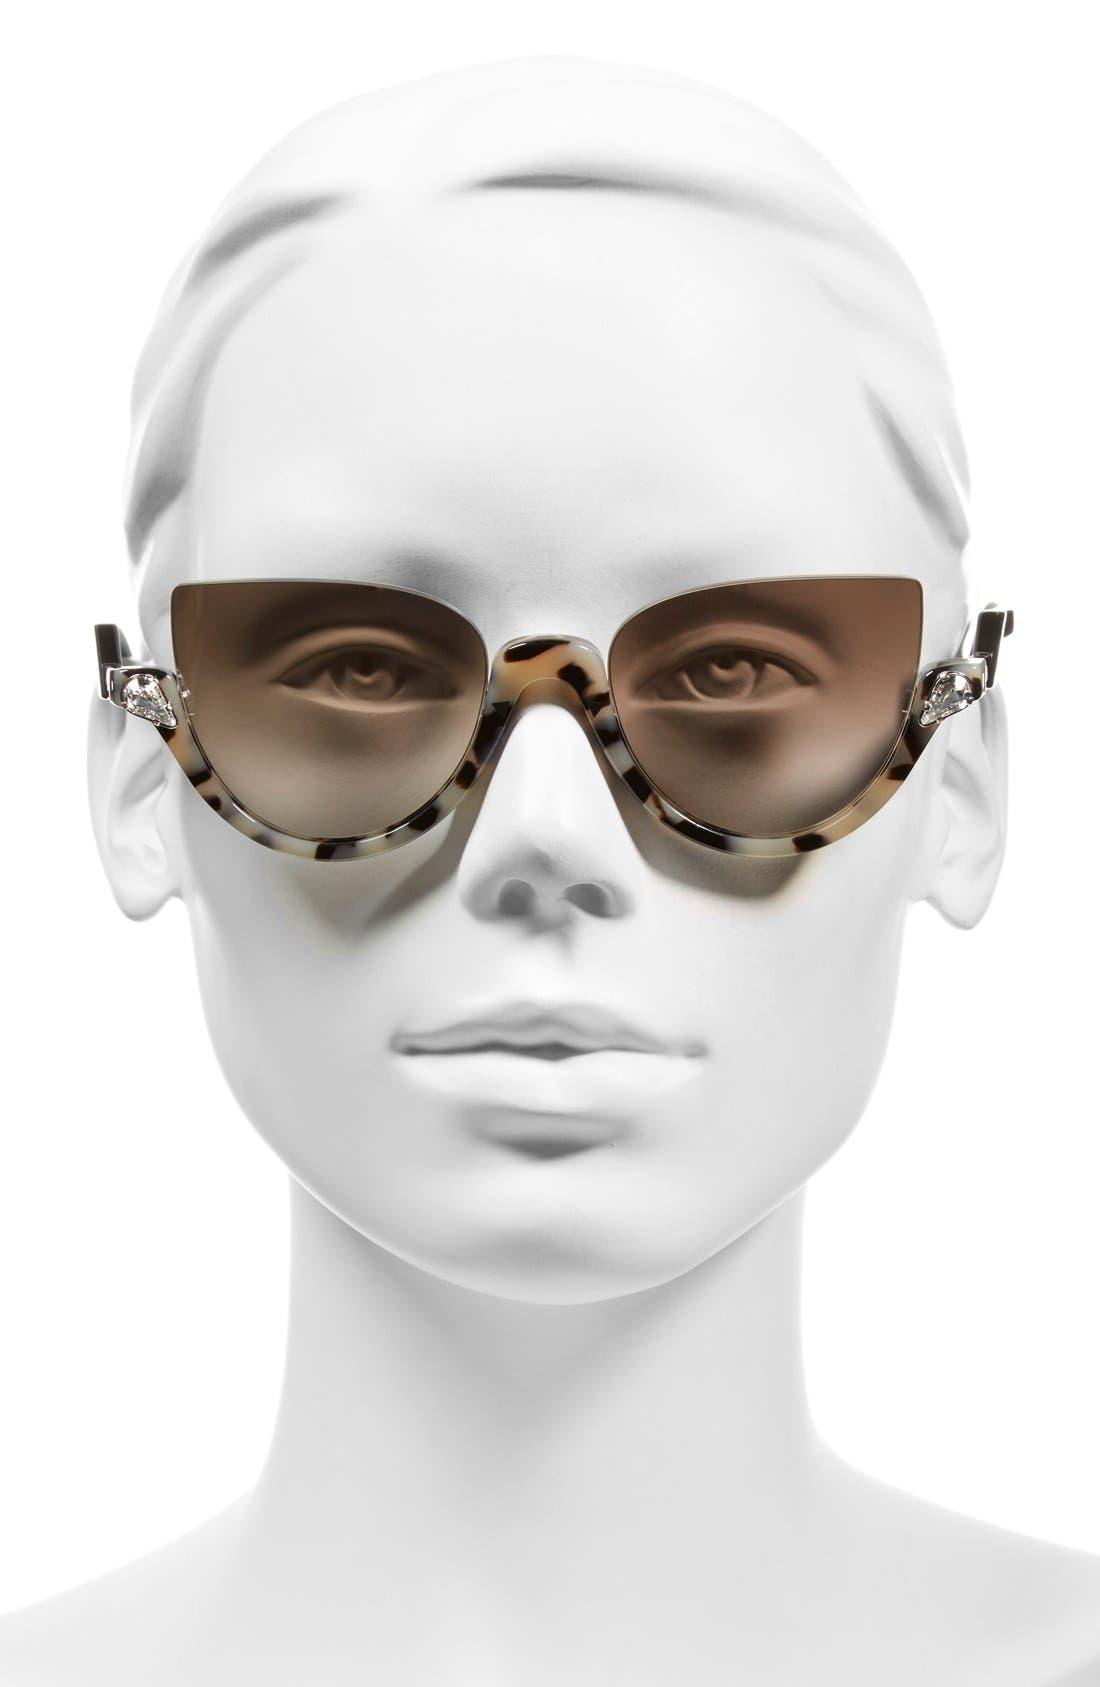 52mm Sunglasses,                             Alternate thumbnail 2, color,                             Havana/ Shiny Black